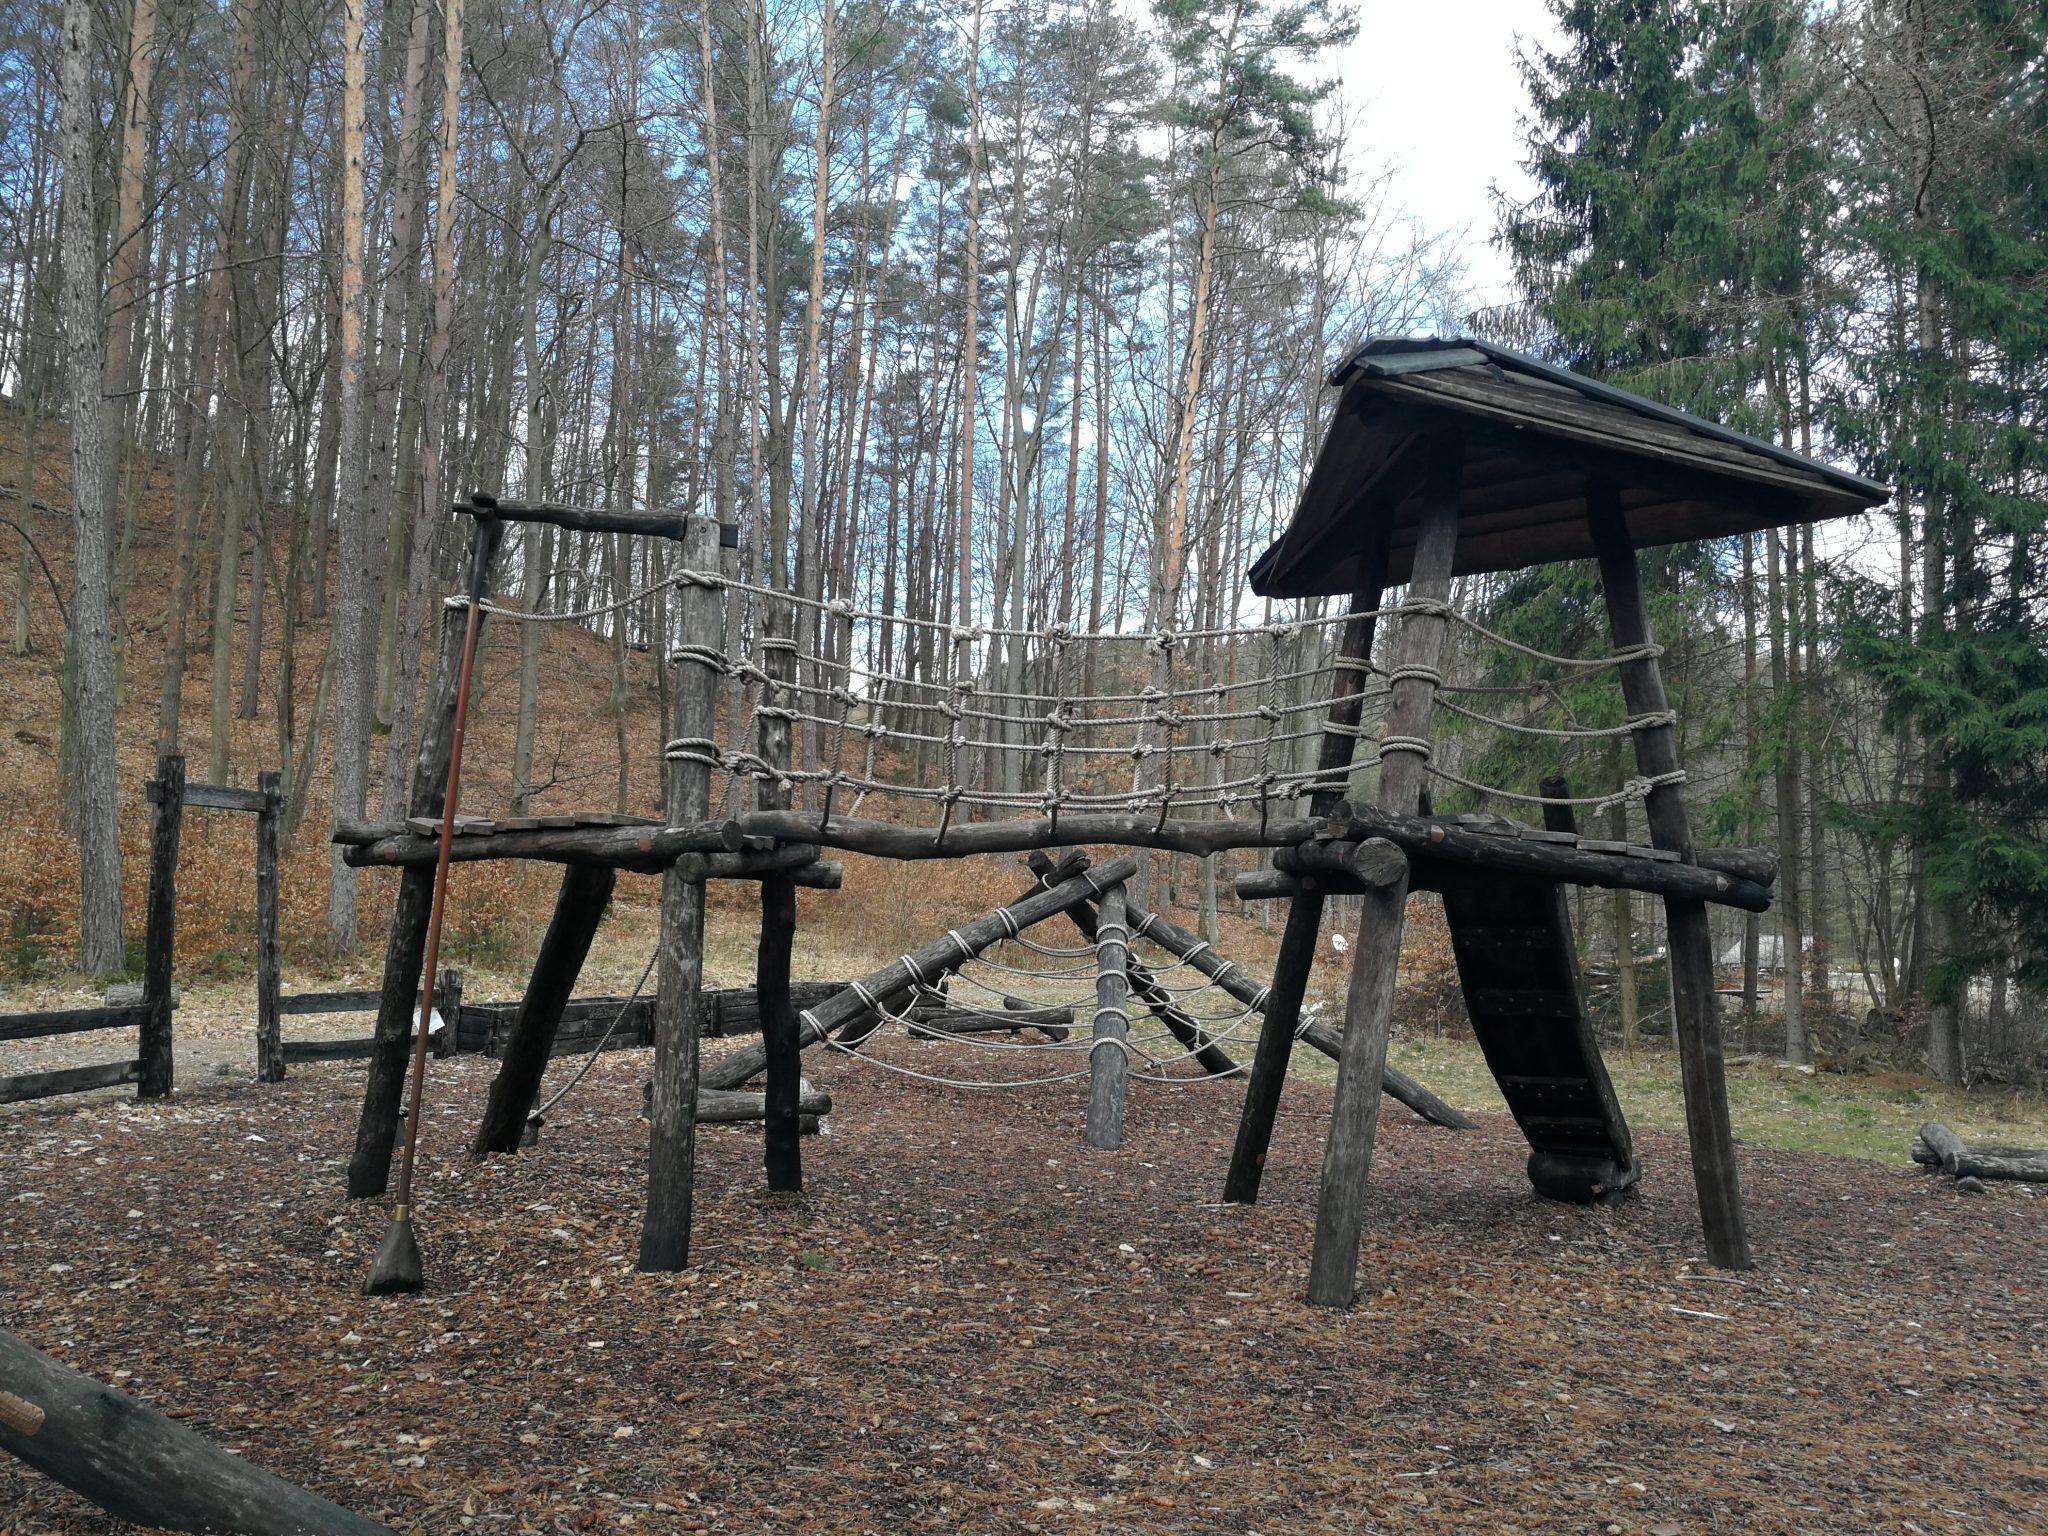 SZCZEGÓŁY ZAŁĄCZONEGO PLIKU Leśny-Ogród-Botaniczny-w-Marszewie-zdjęcie-Ania-Anna-Kotula-z-Tour-Guide-Service-Gdańsk